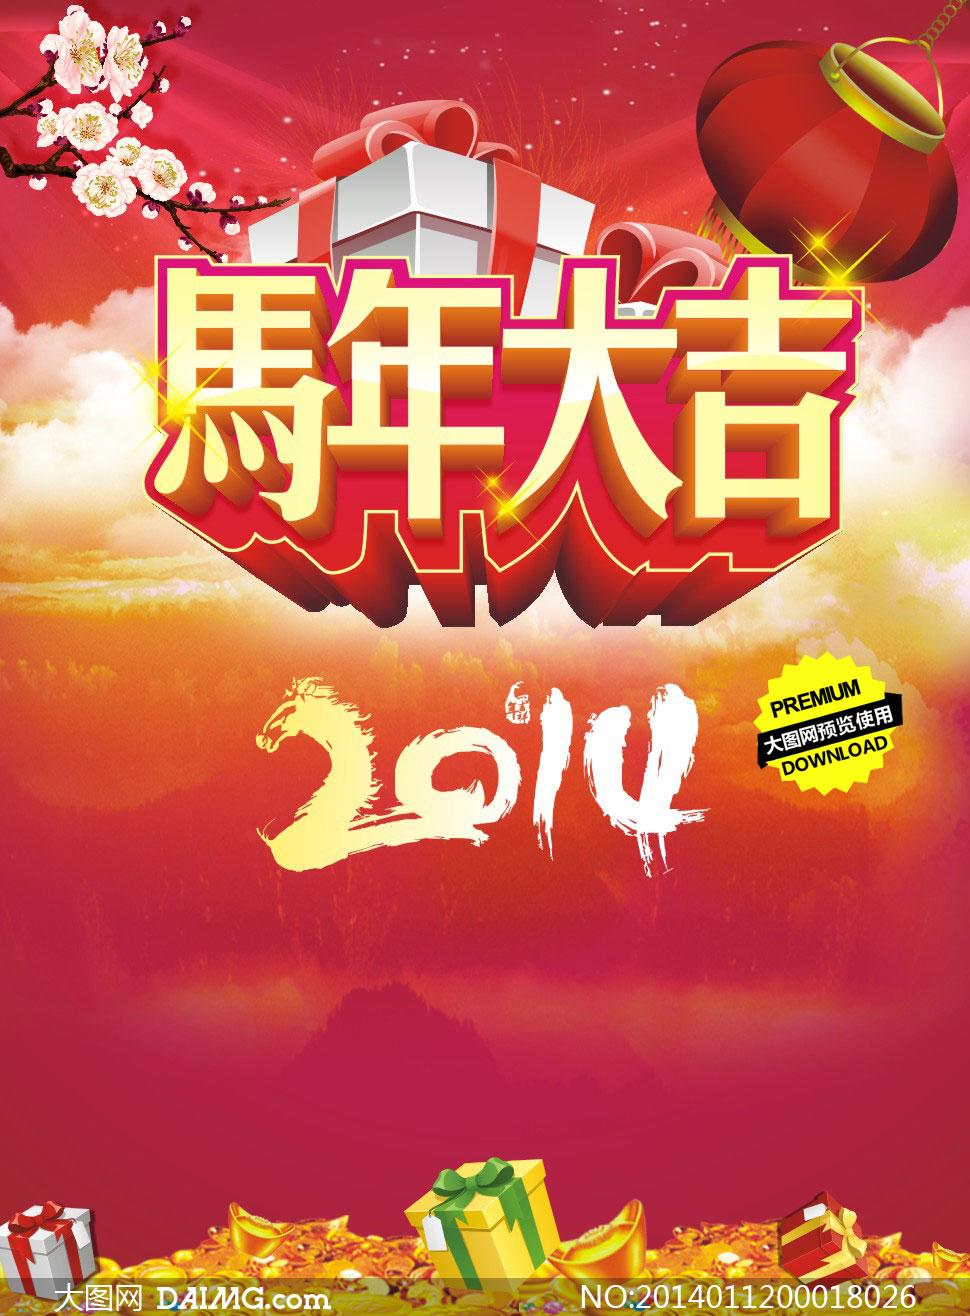 2014马年大吉广告背景设计矢量素材